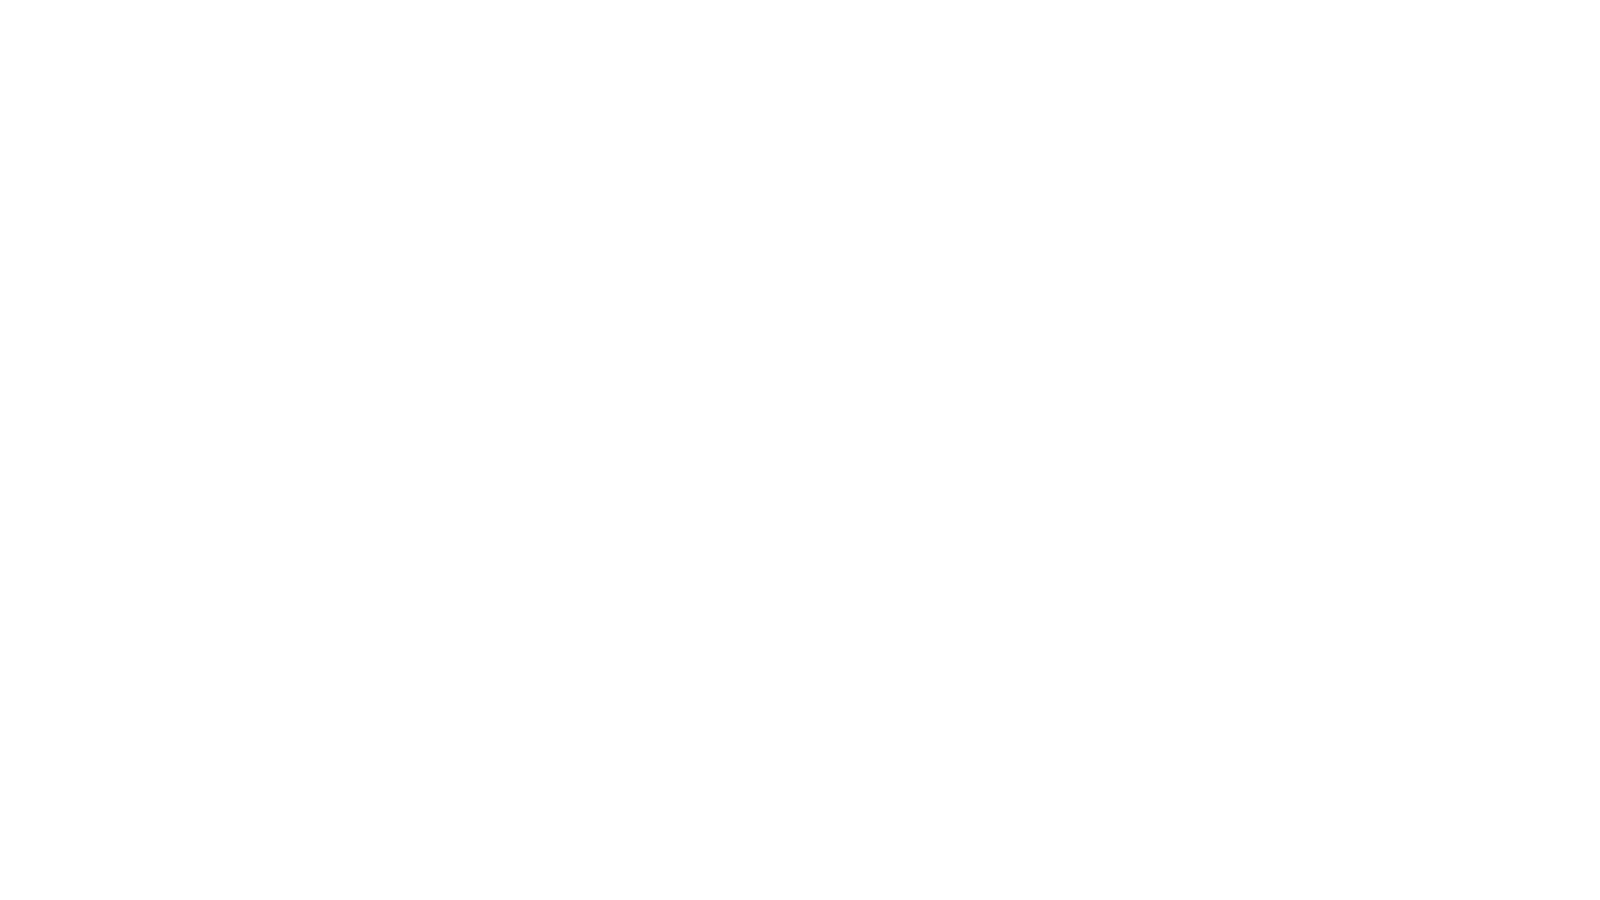 A cura di don Luigino Bonato   Registrato nella chiesa della casa di spiritualità San Carlo di Costabissara, Vicenza.   ****************************************   Vieni a trovarci su www.diocesi.vicenza.it  I materiali sono proprietà della Diocesi di Vicenza, e sono liberamente utilizzabili per scopi pastorali.